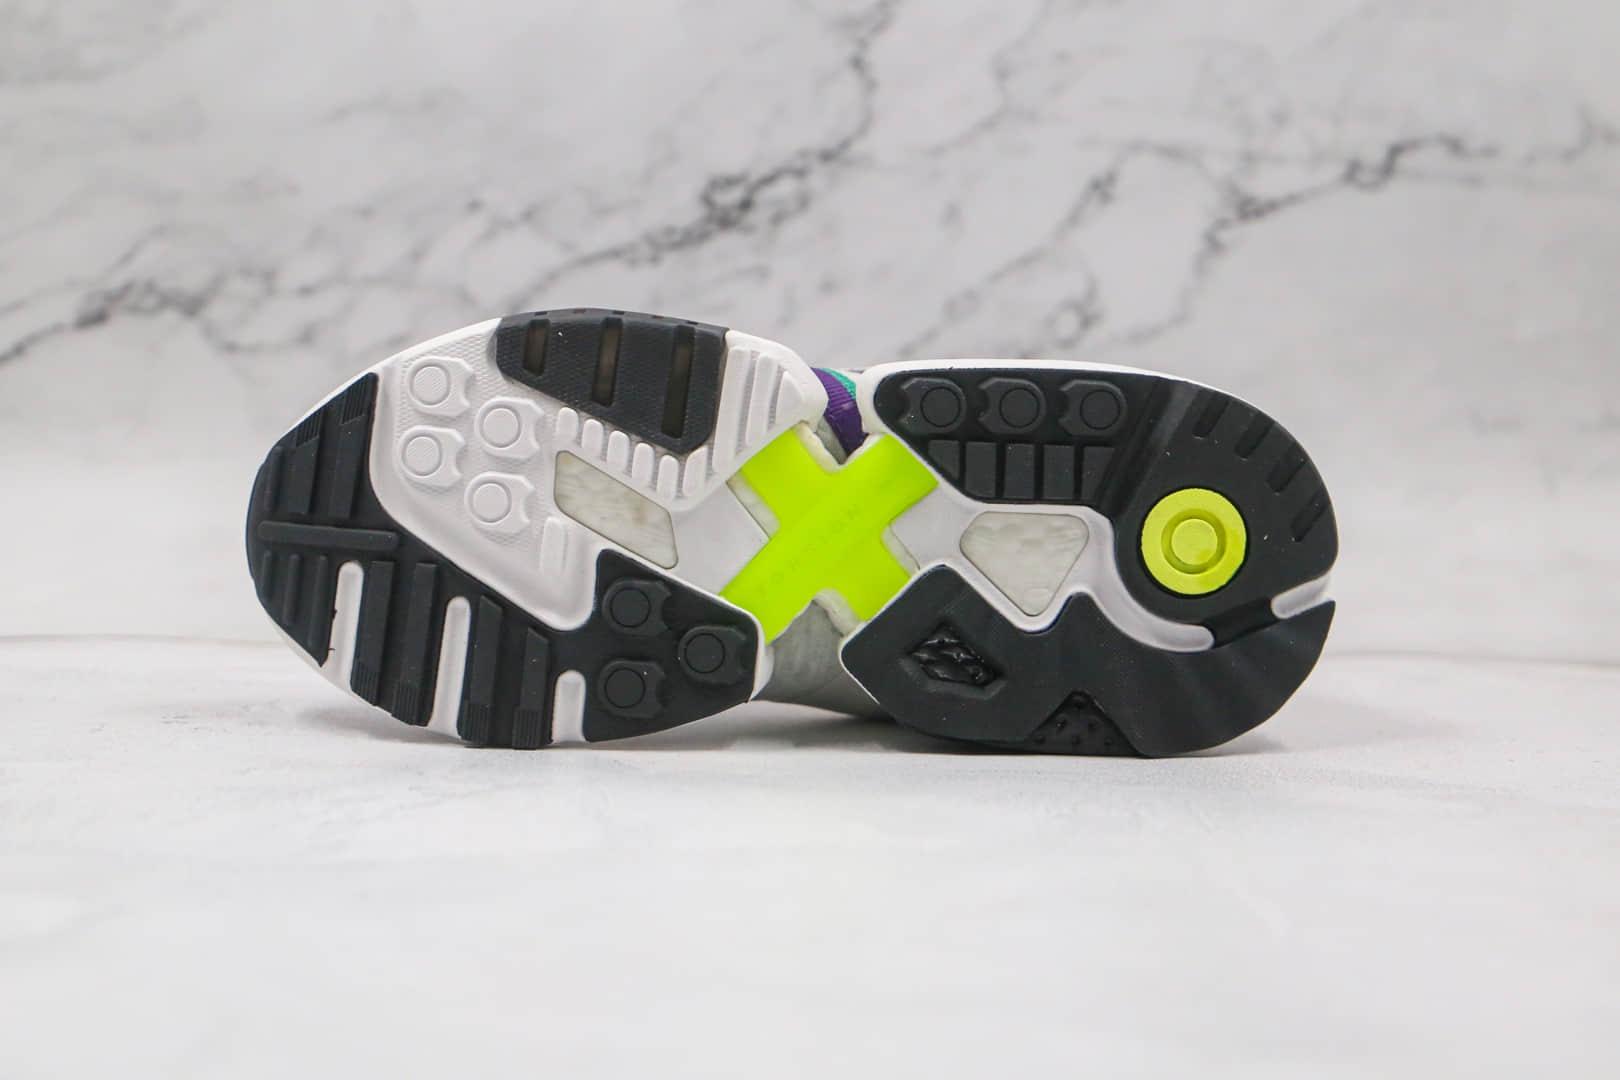 阿迪达斯Adidas Originals ZX Torsion纯原版本三叶草白紫绿蓝色ZX扭转系列慢跑鞋原盒原标 货号:EF4388